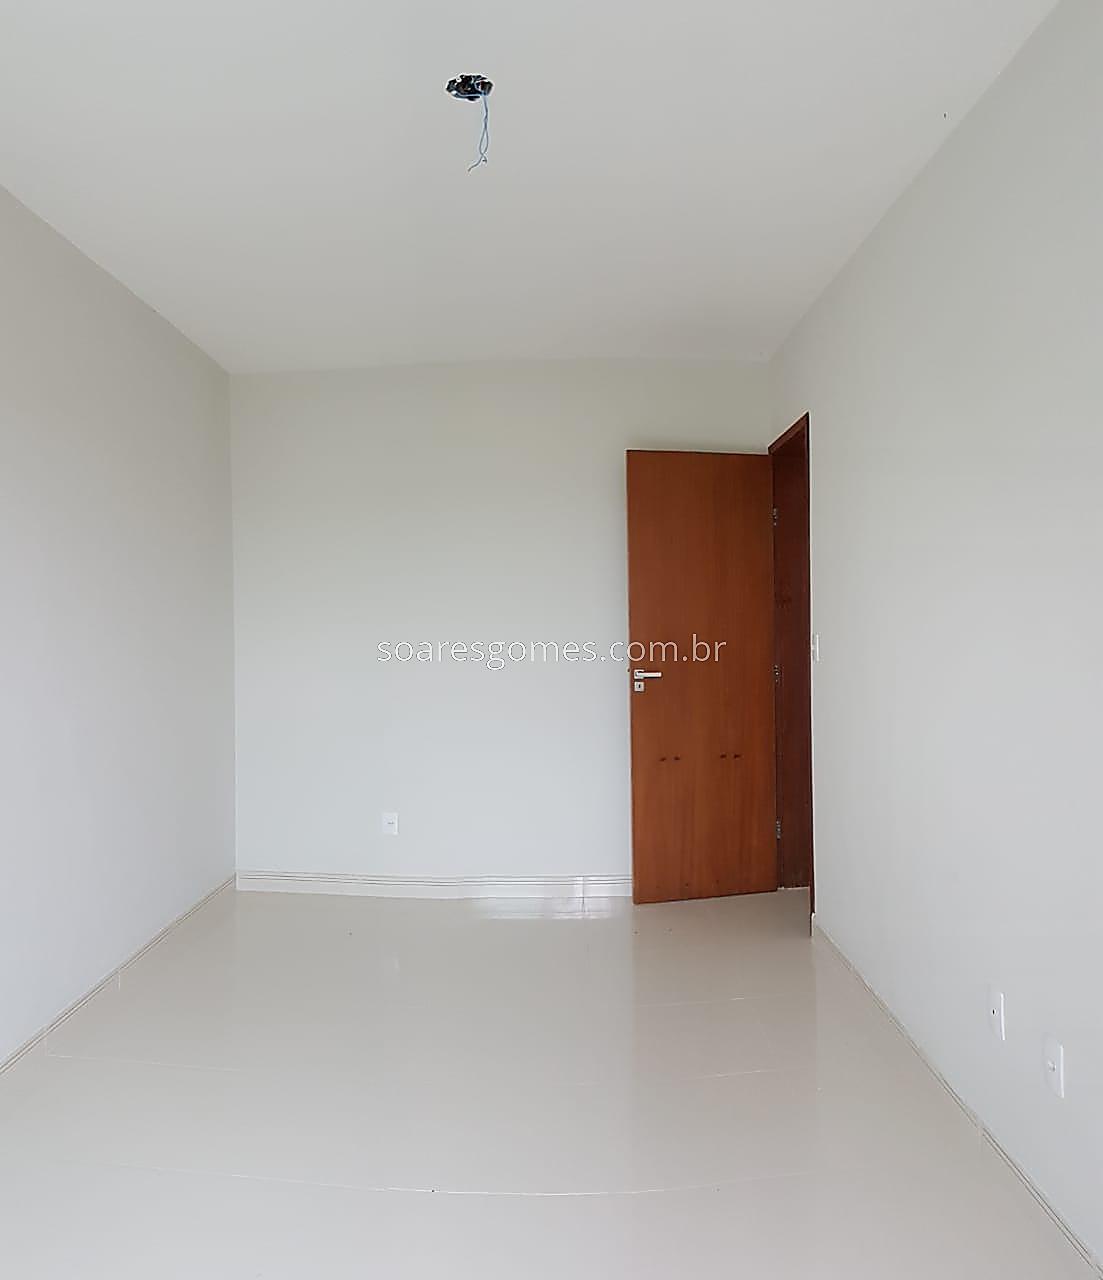 Apartamento à venda em Granbery, Juiz de Fora - MG - Foto 19